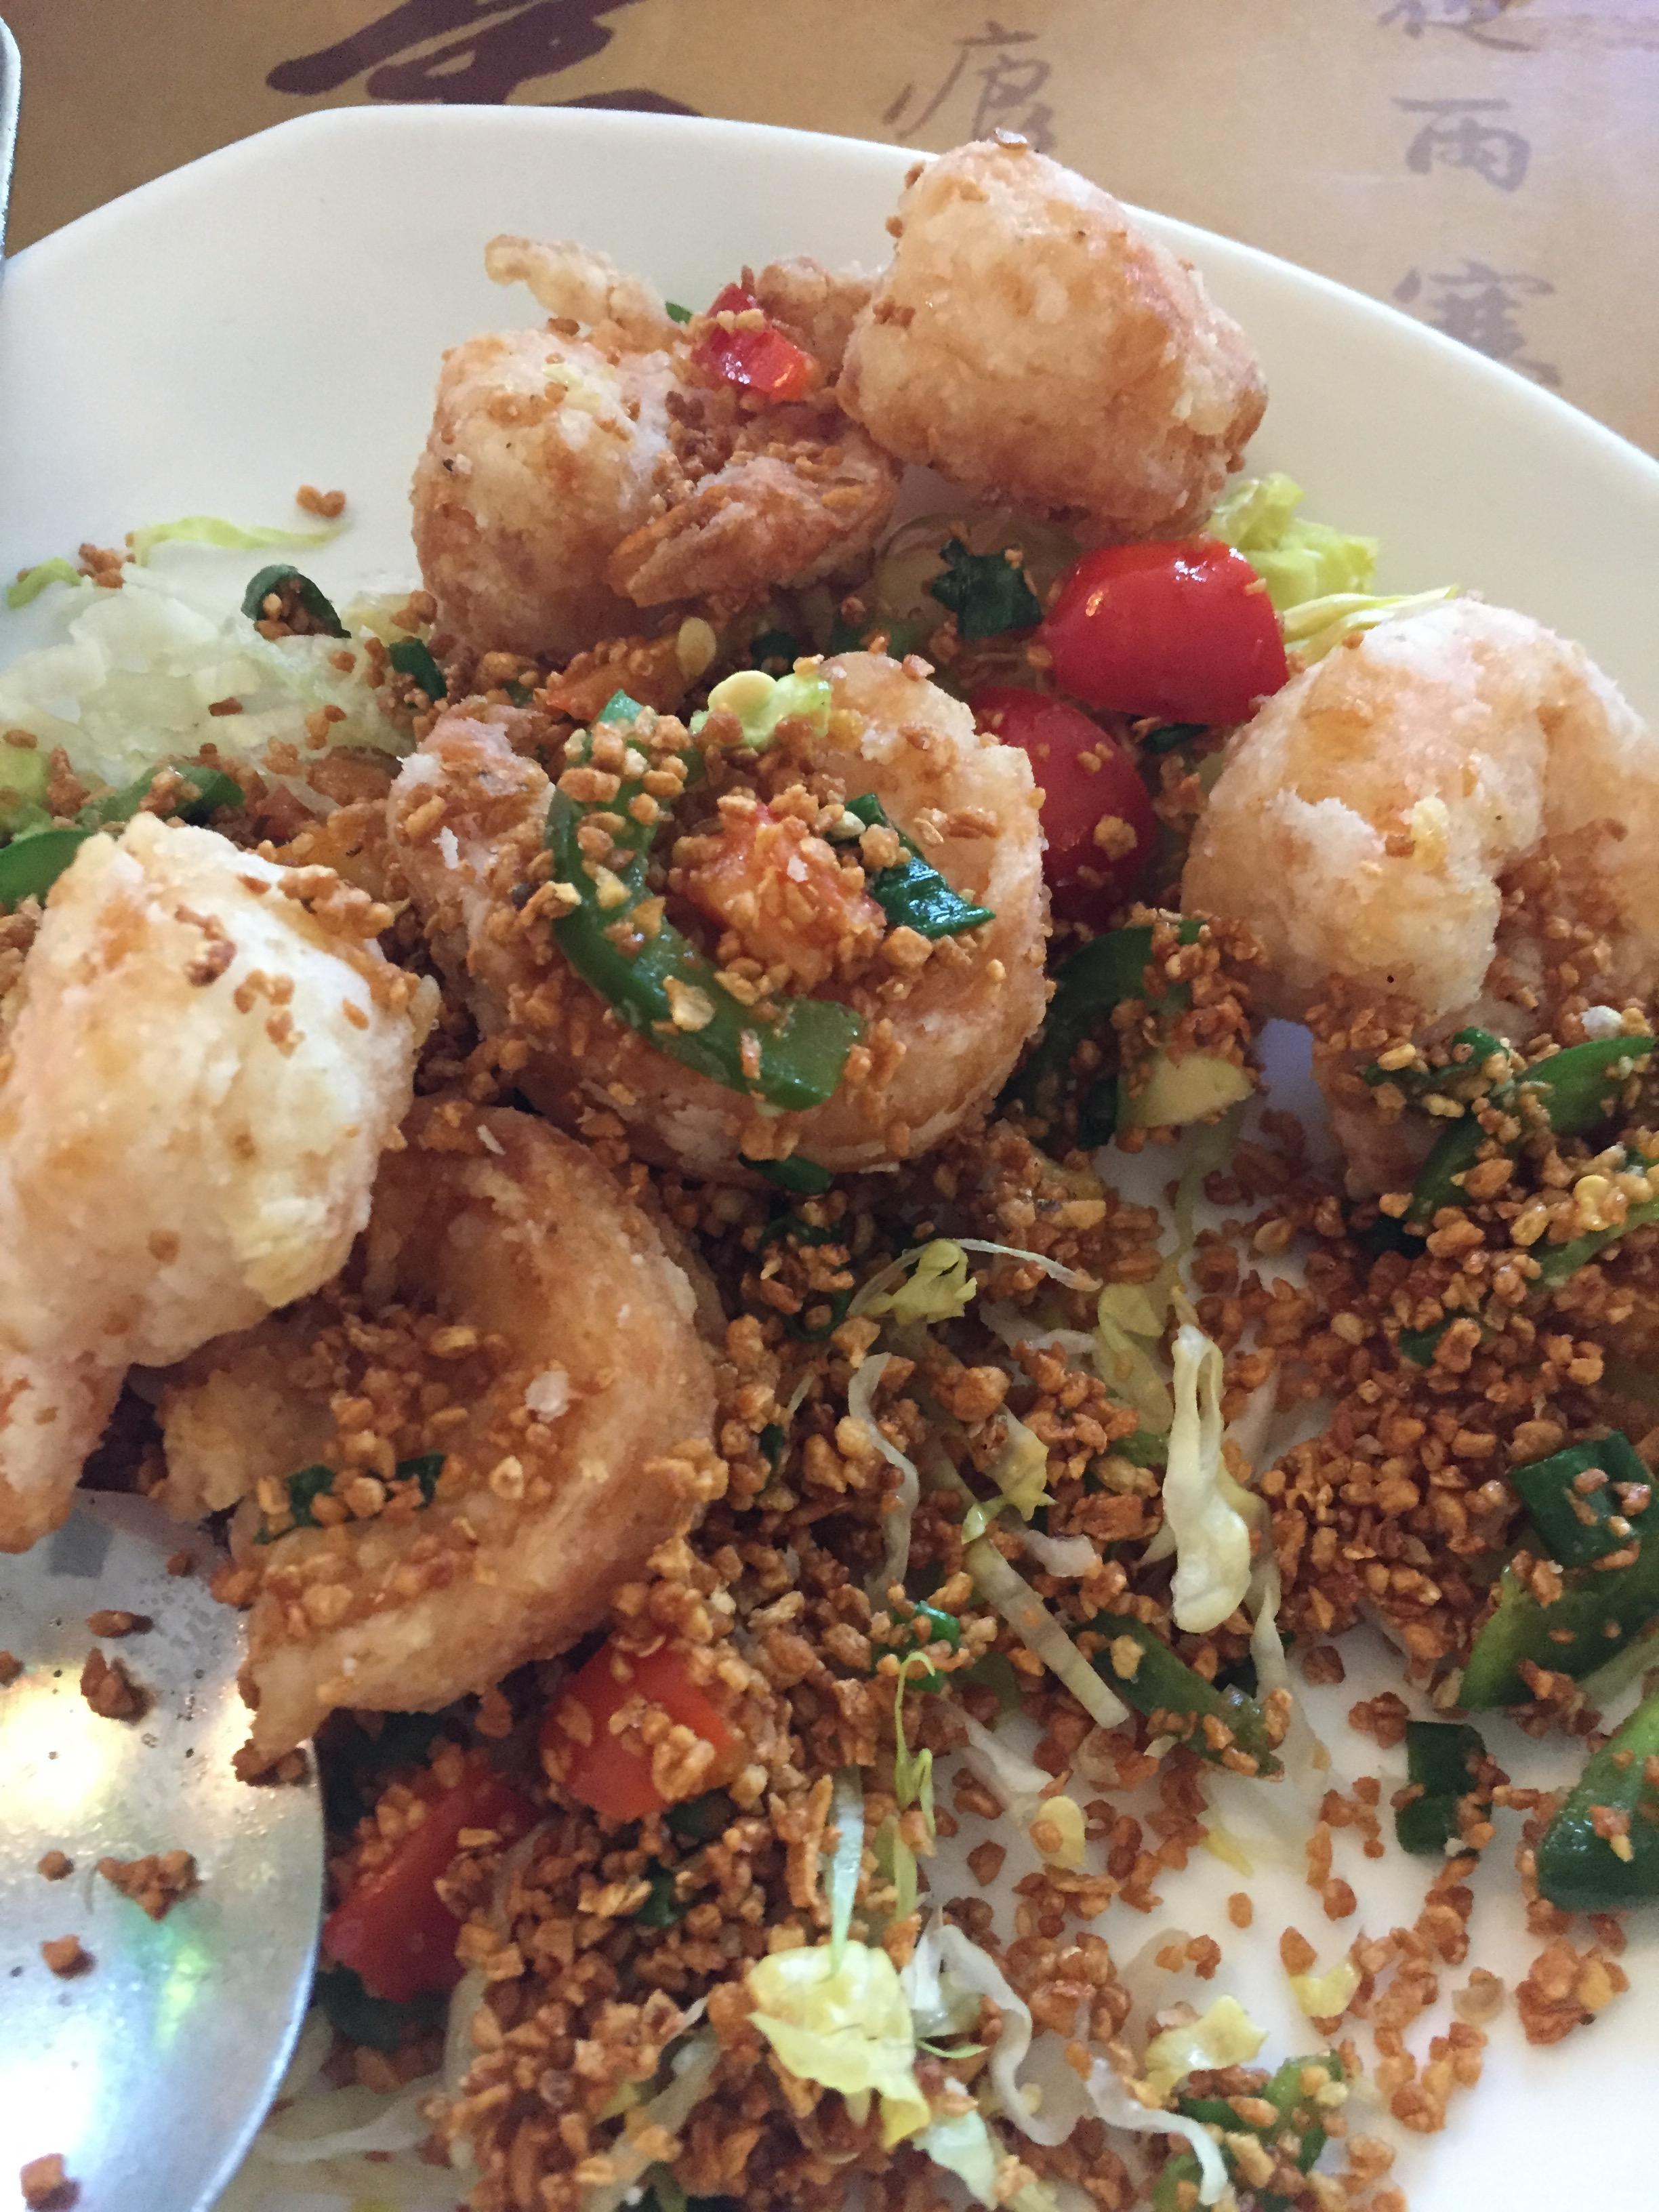 Salt & Pepper Shrimp (Ordered without shells)